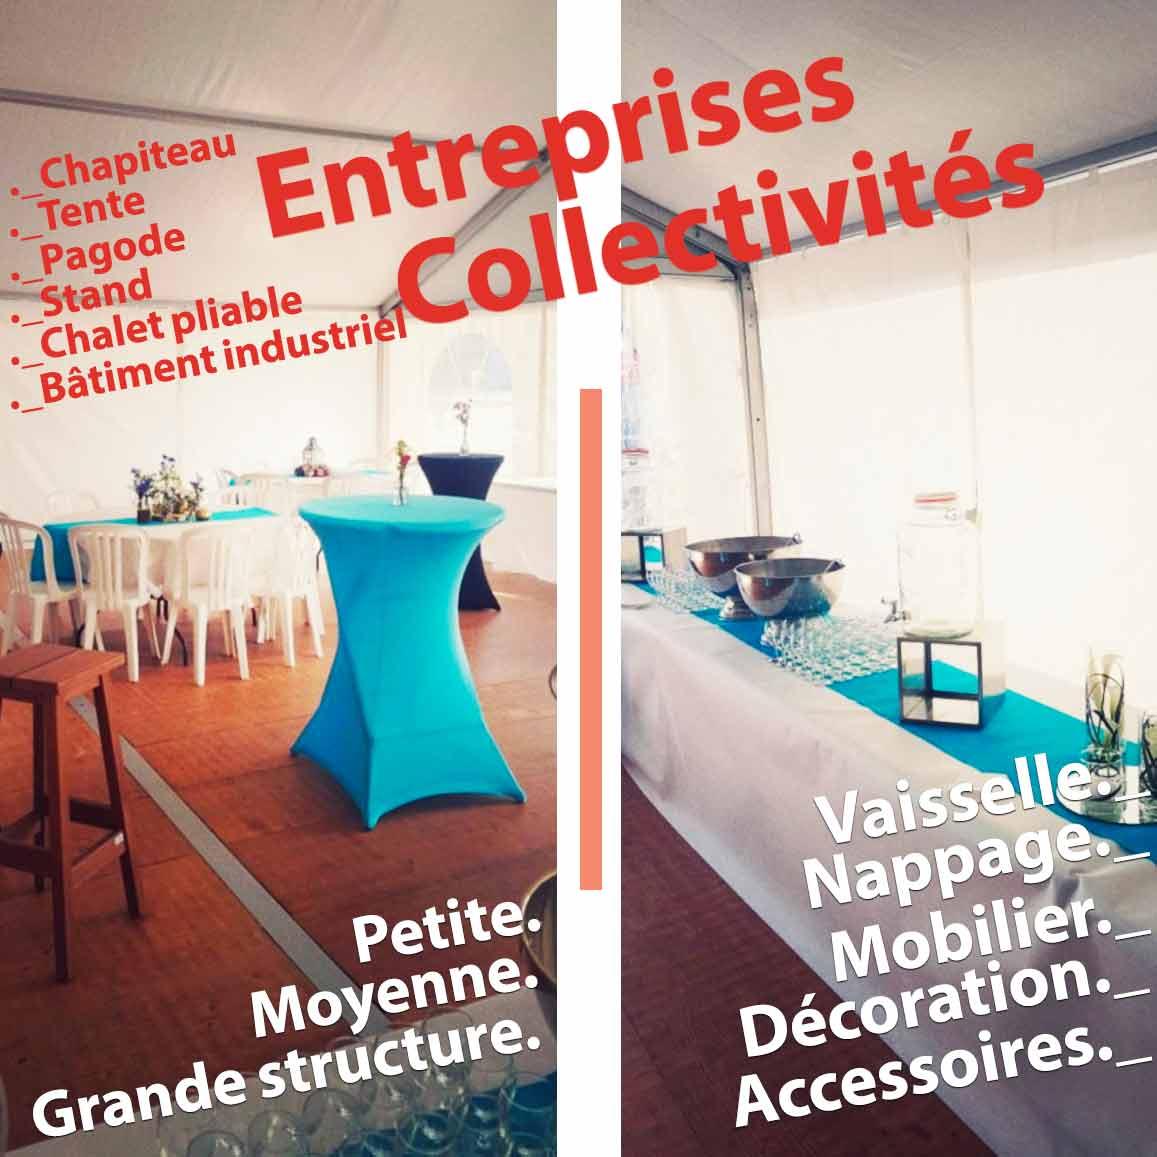 Entreprises et collectivités : structure, mobilier, options à disposition avec Chris Events.